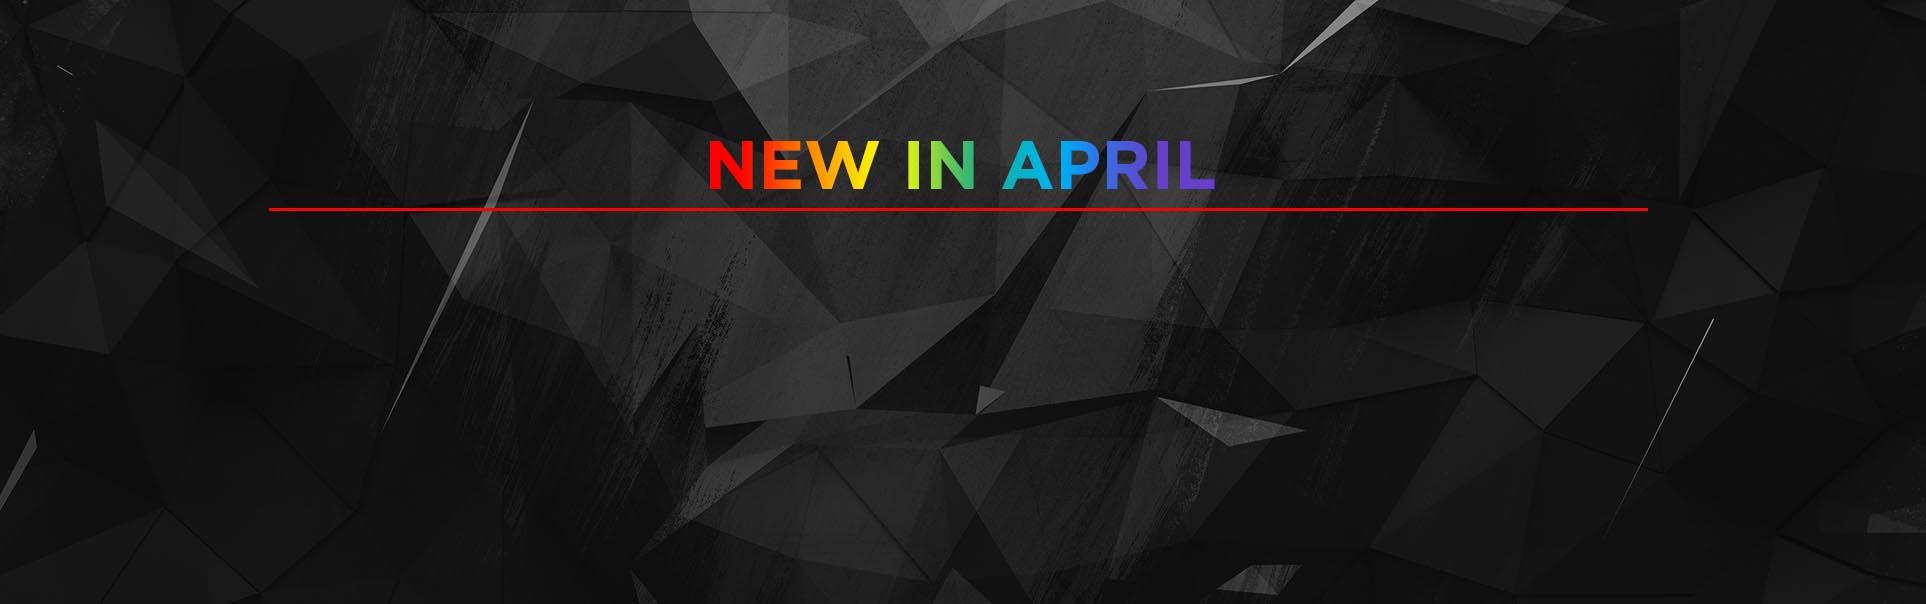 New In April